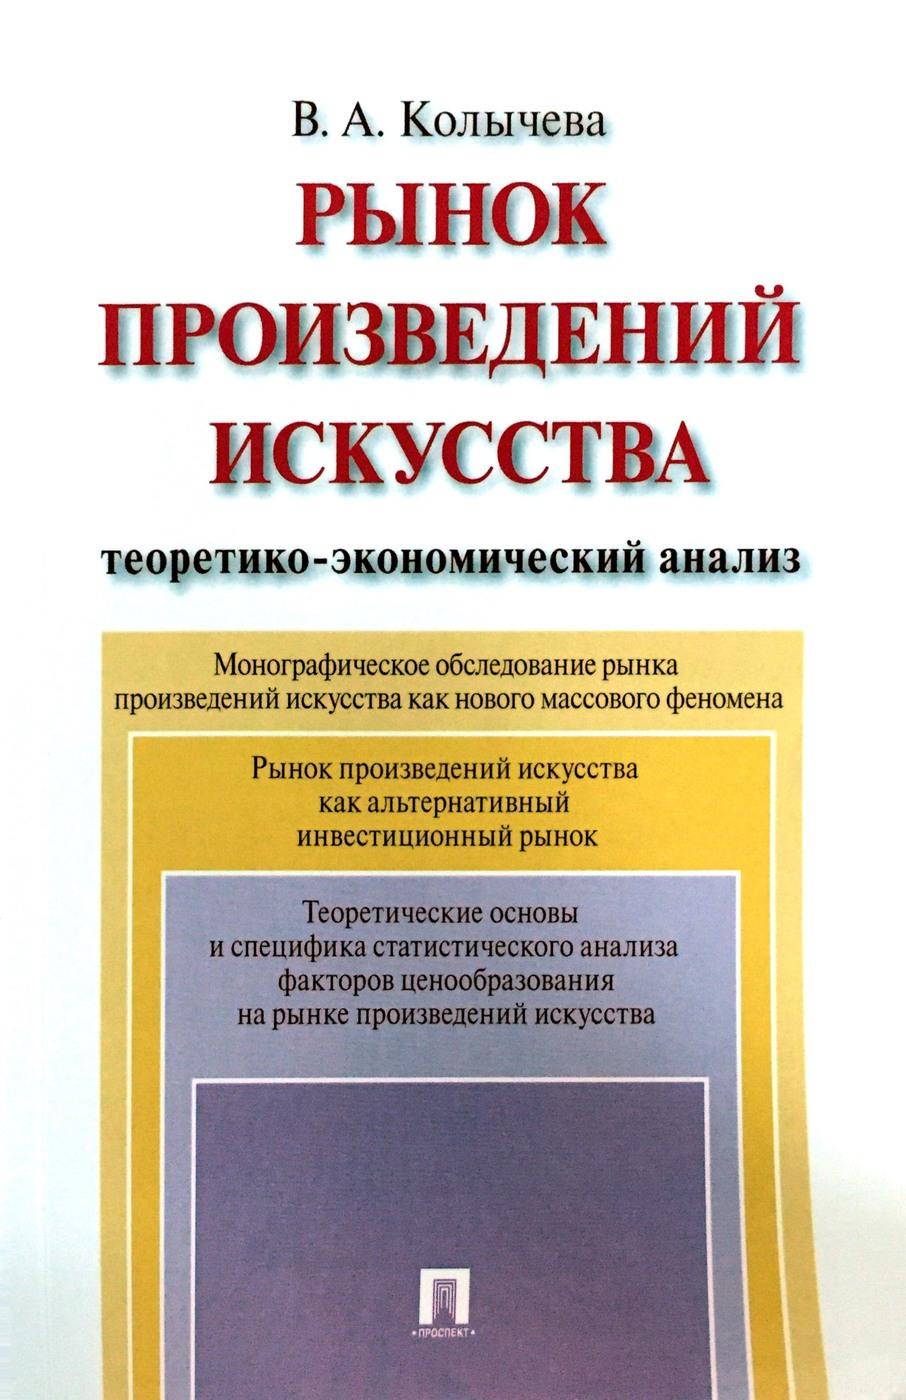 Валерия Колычева. Рынок произведений искусства. Теоретико-экономический анализ